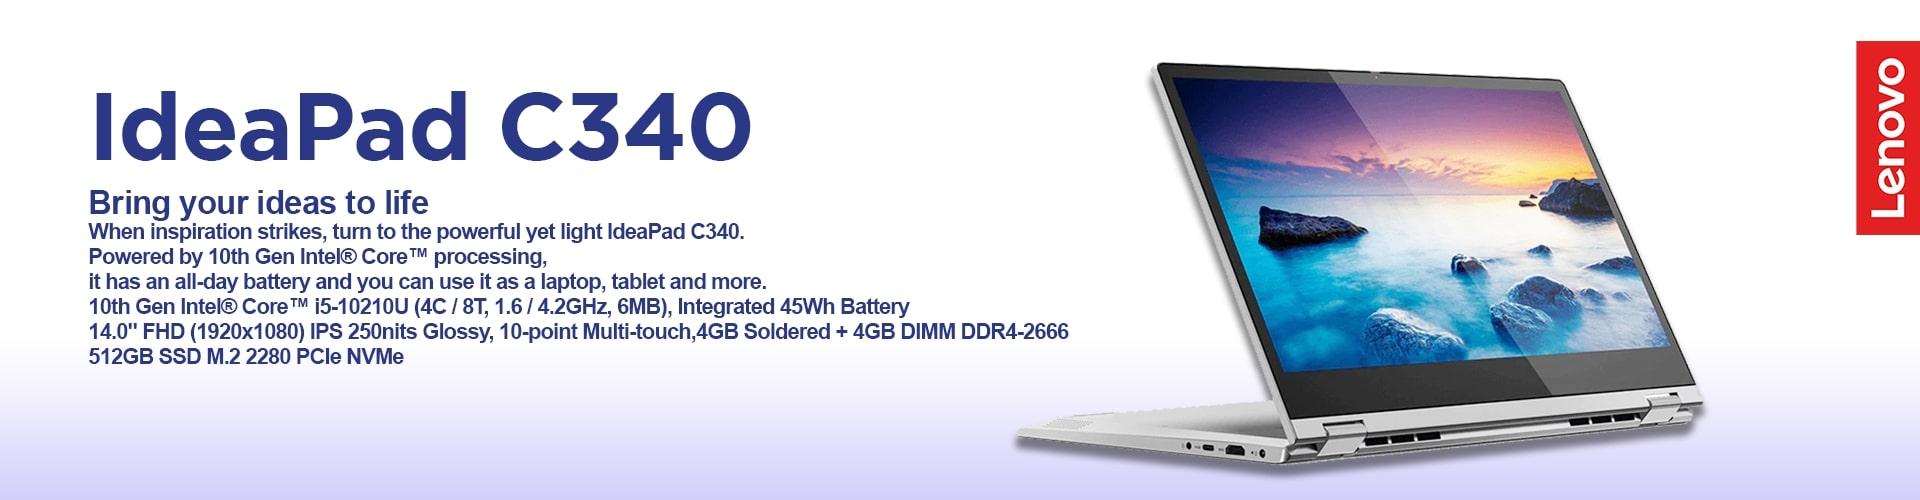 IdeaPad C340-2